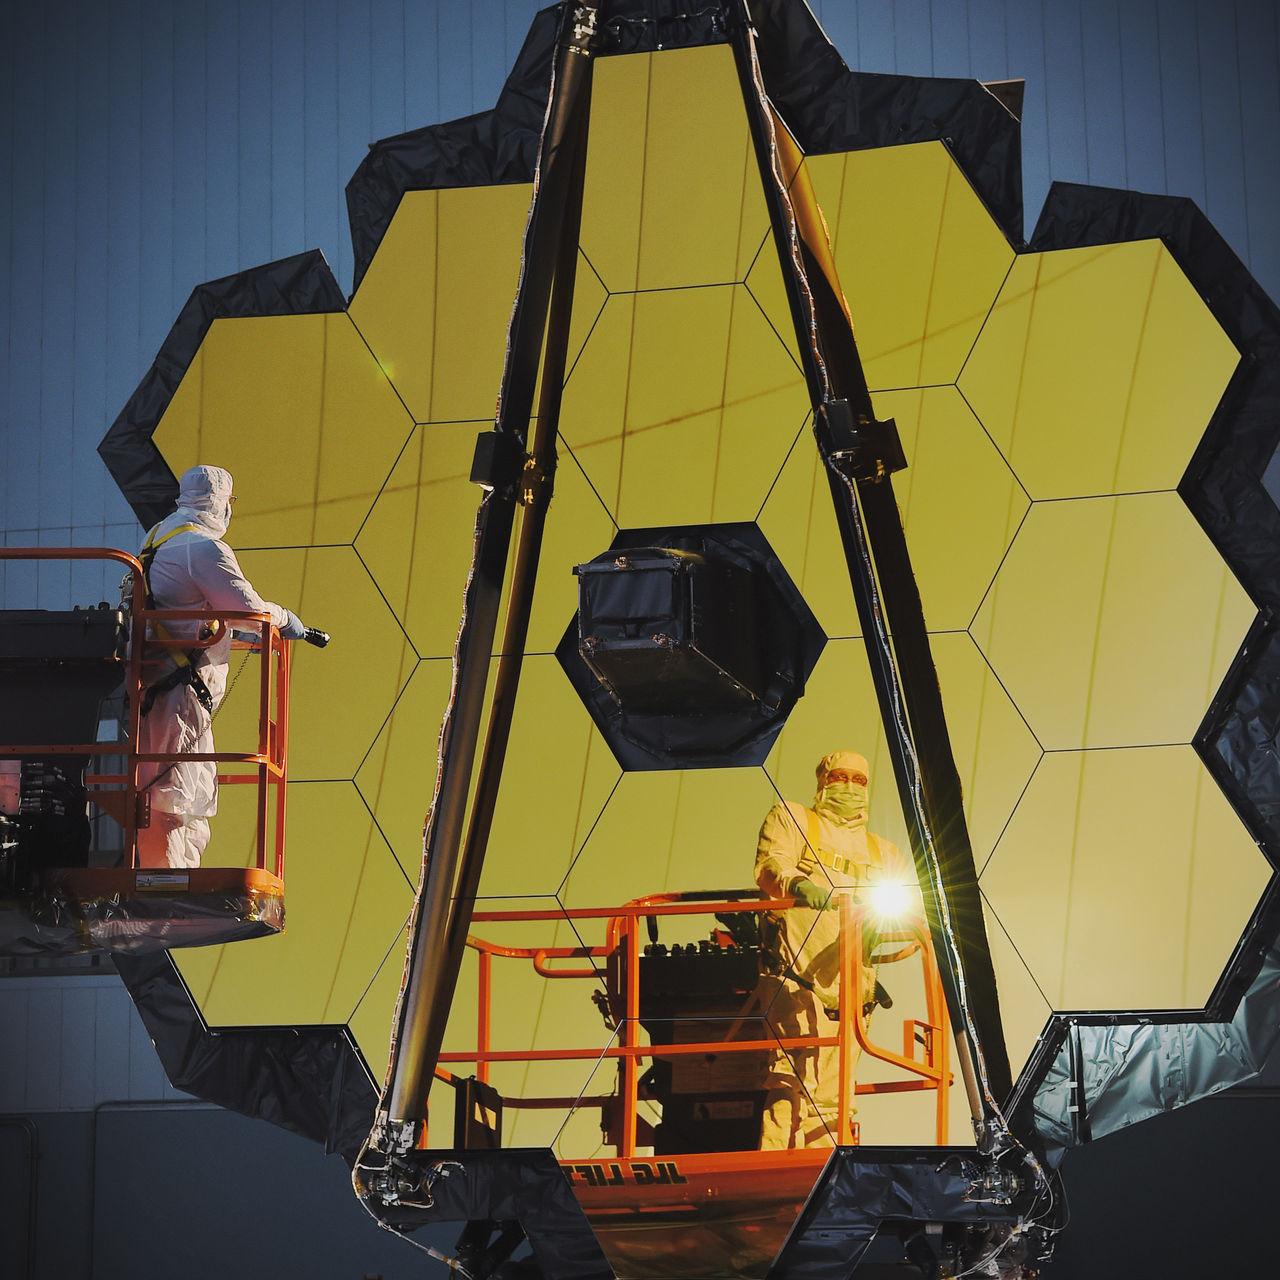 Världens kraftfullaste rymdteleskop färdigbyggt